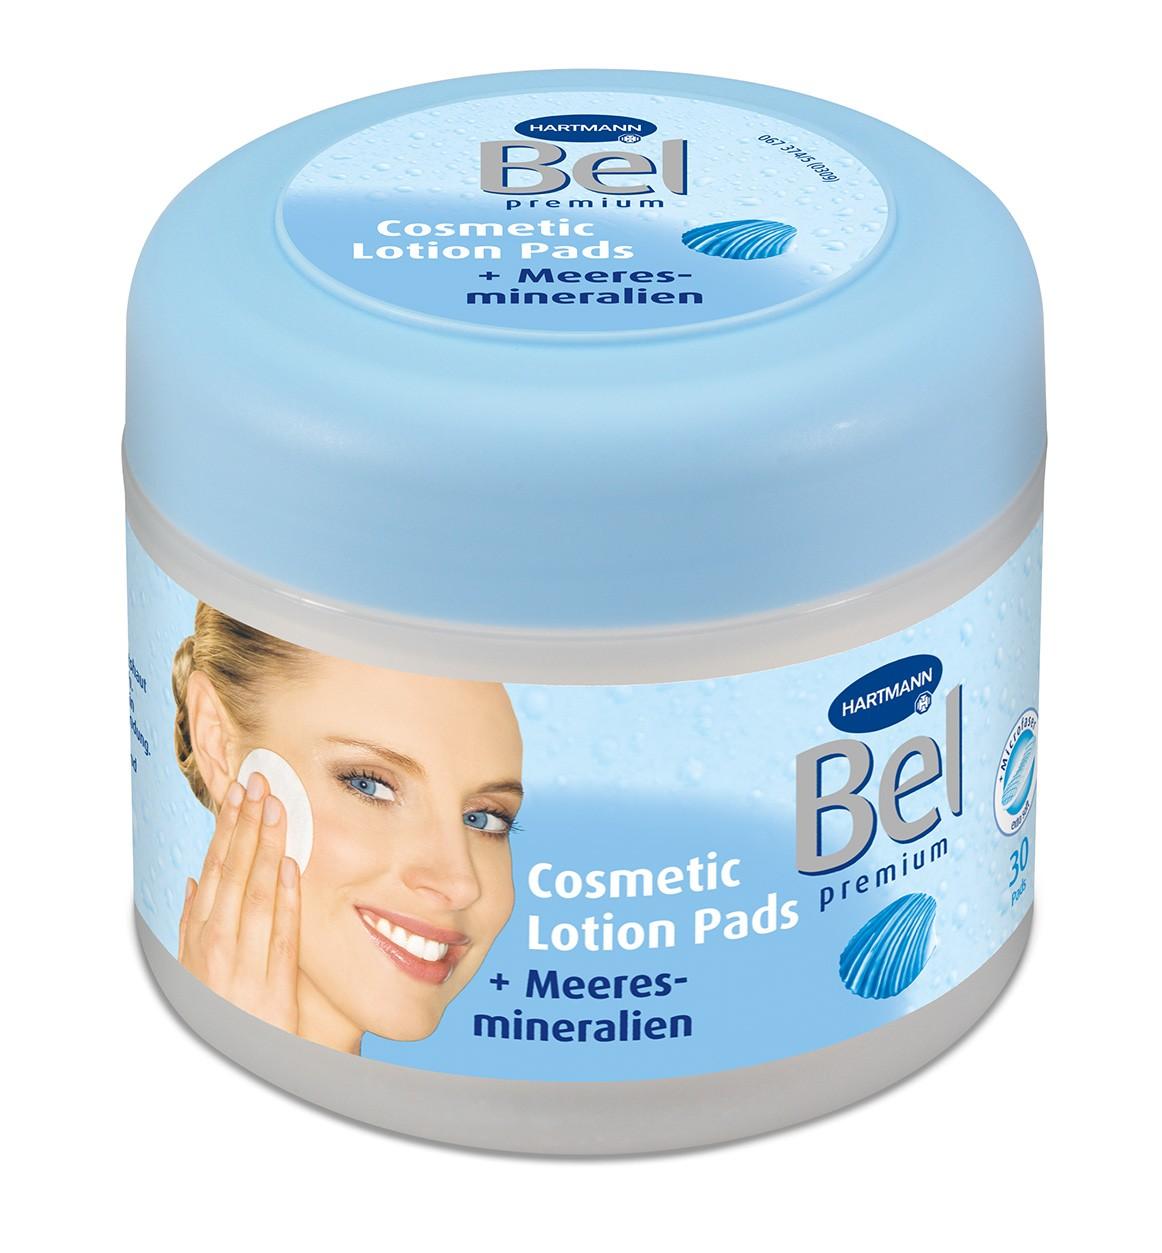 Bel Cosmetic Lotion Pads mit Meeresmineralien von Hartmann